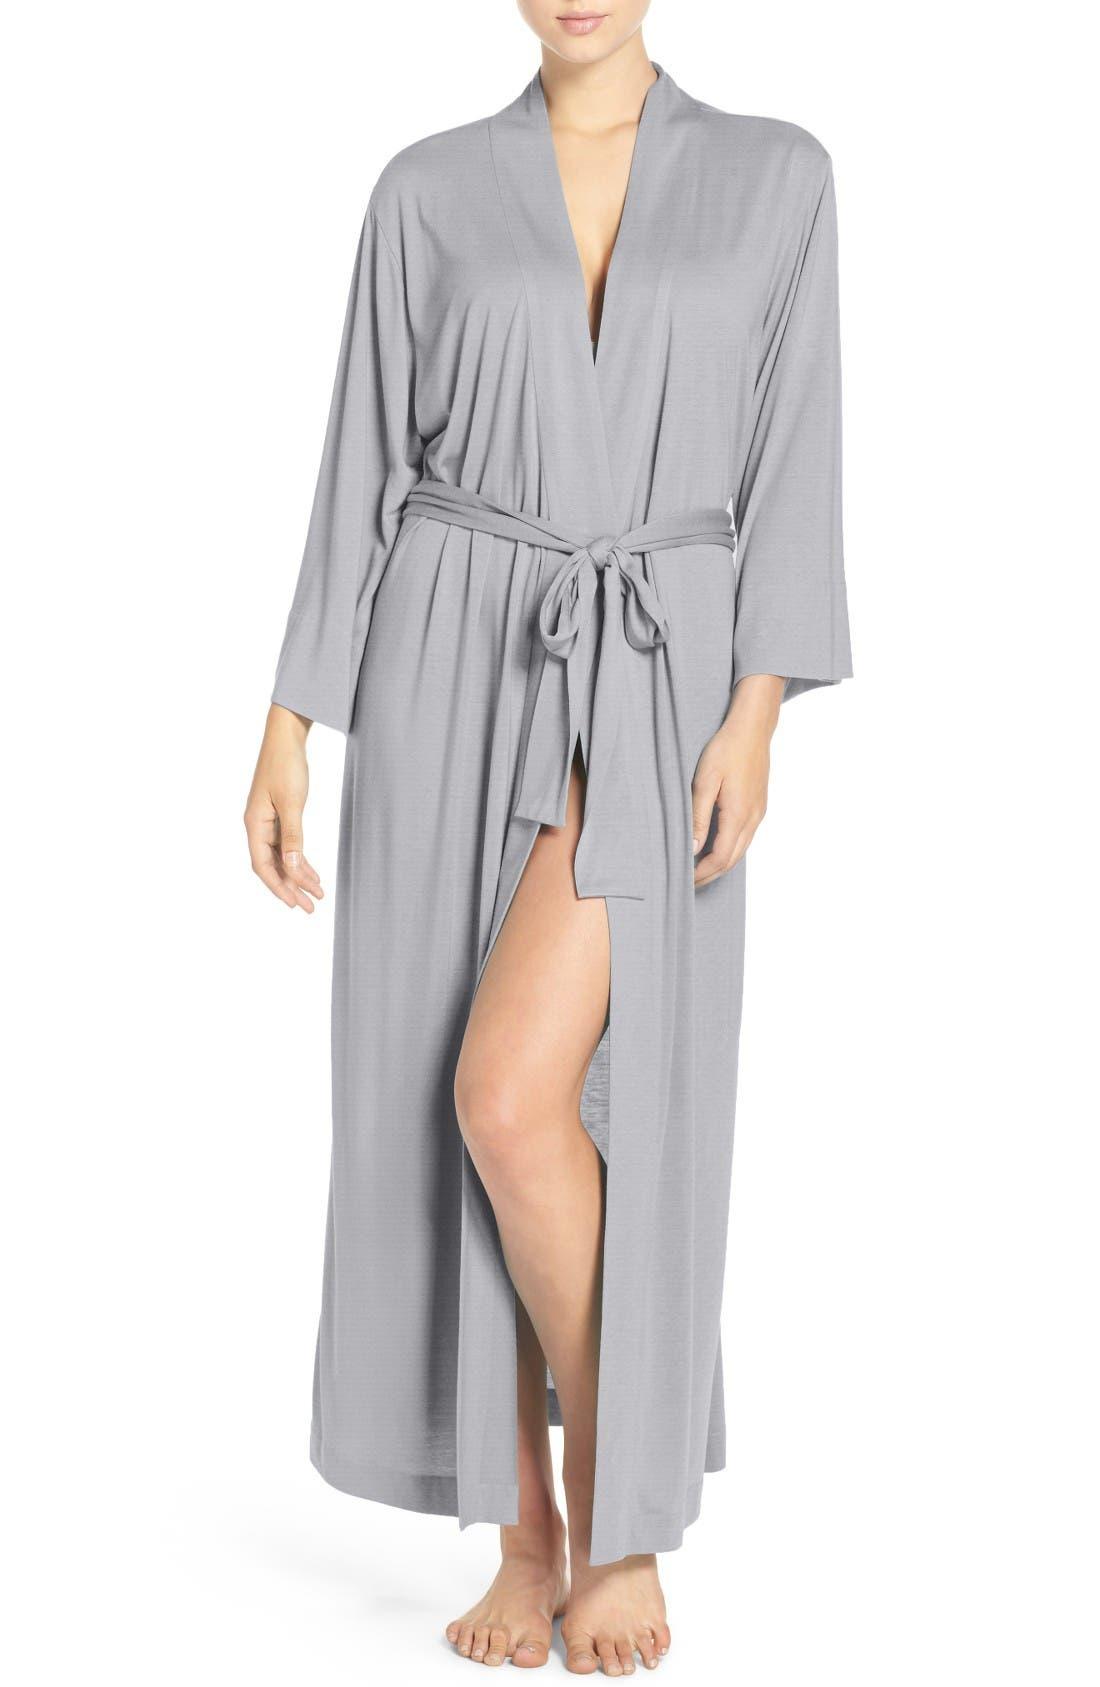 'Shangri-La' Robe,                         Main,                         color, HEATHER GREY